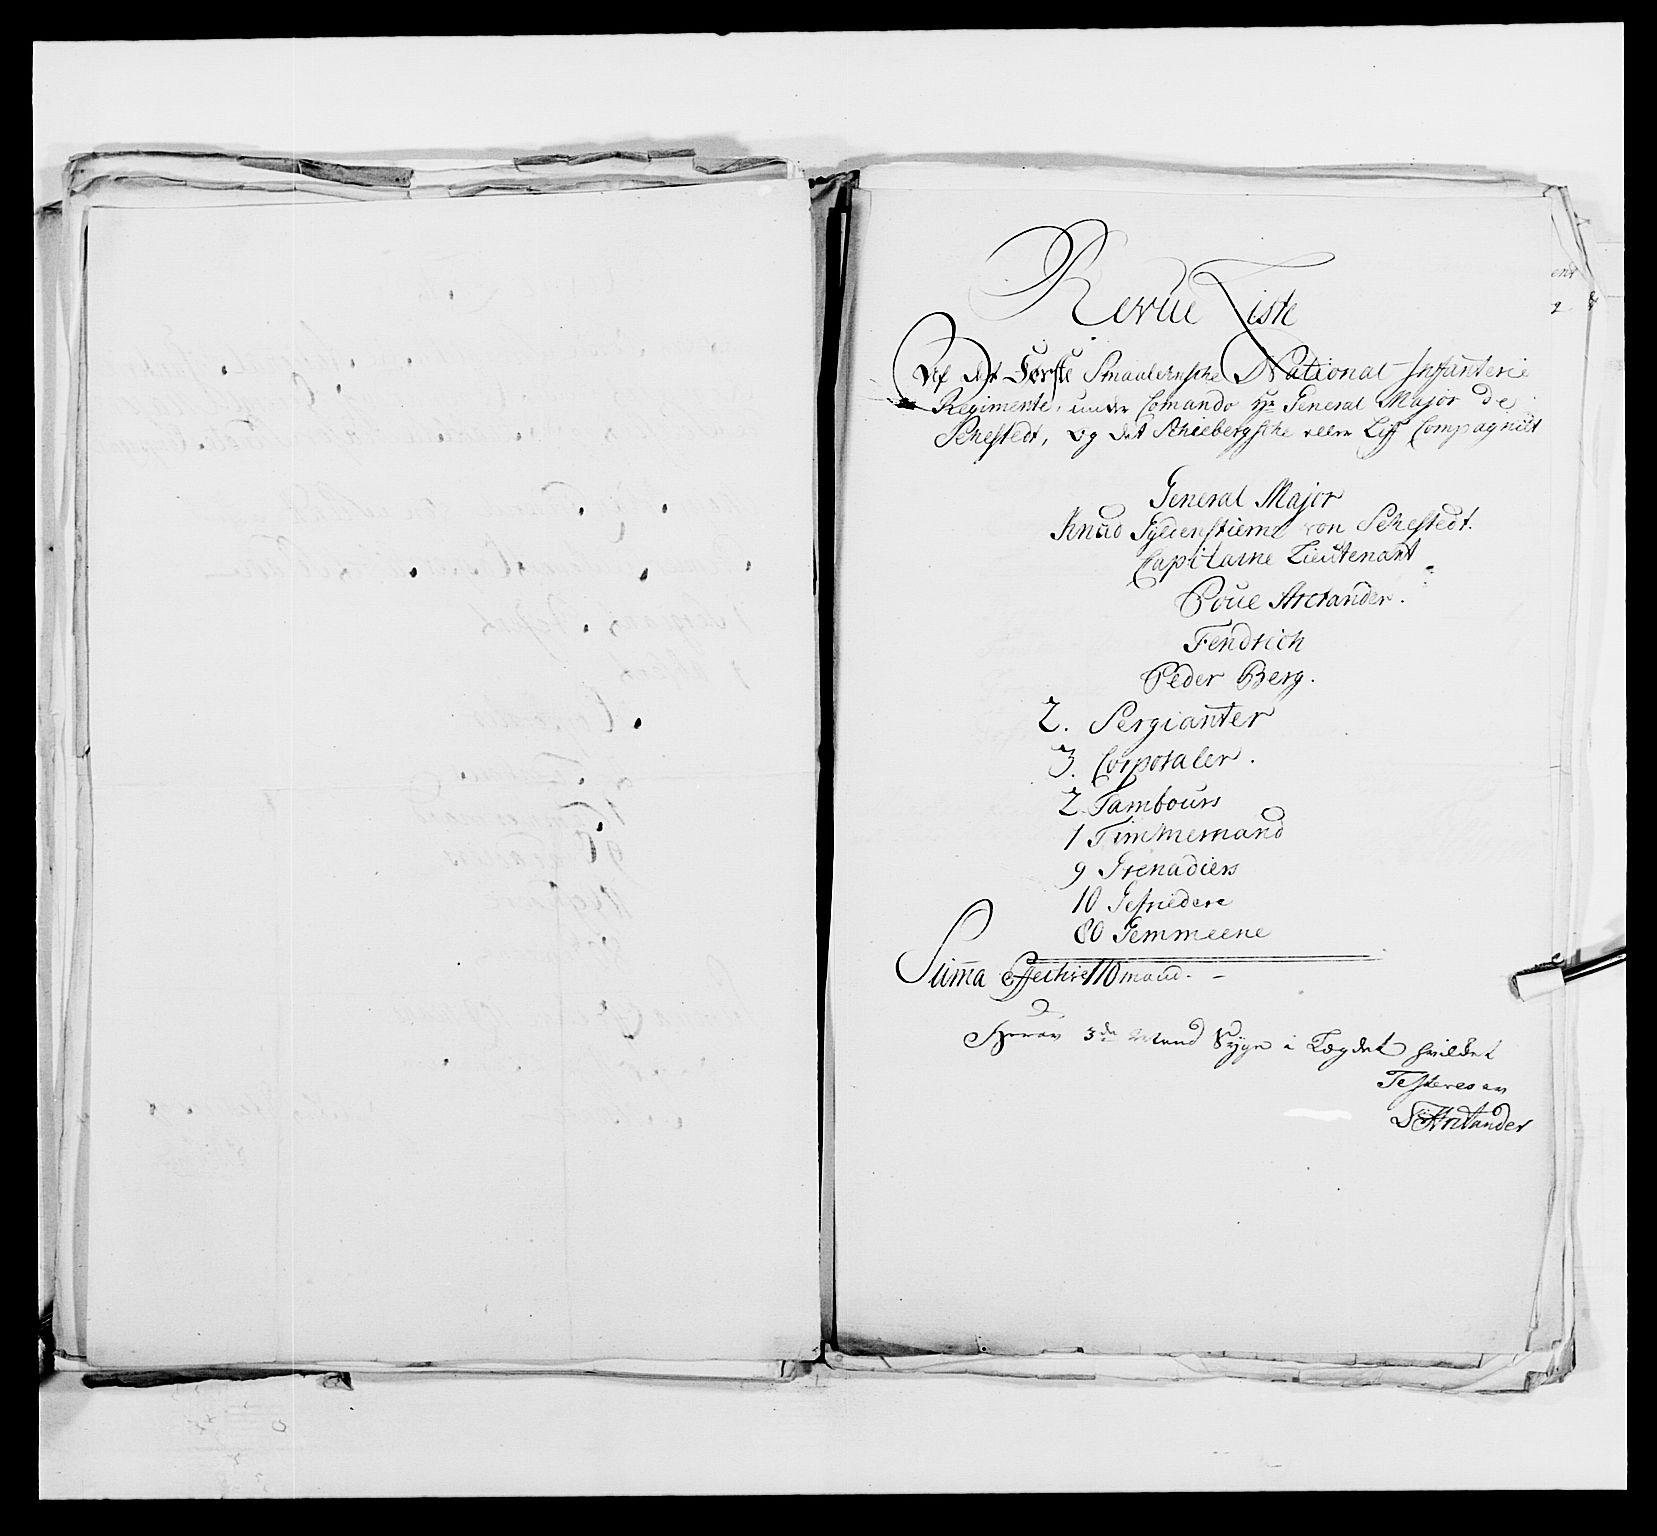 RA, Kommanderende general (KG I) med Det norske krigsdirektorium, E/Ea/L0495: 1. Smålenske regiment, 1732-1763, s. 616